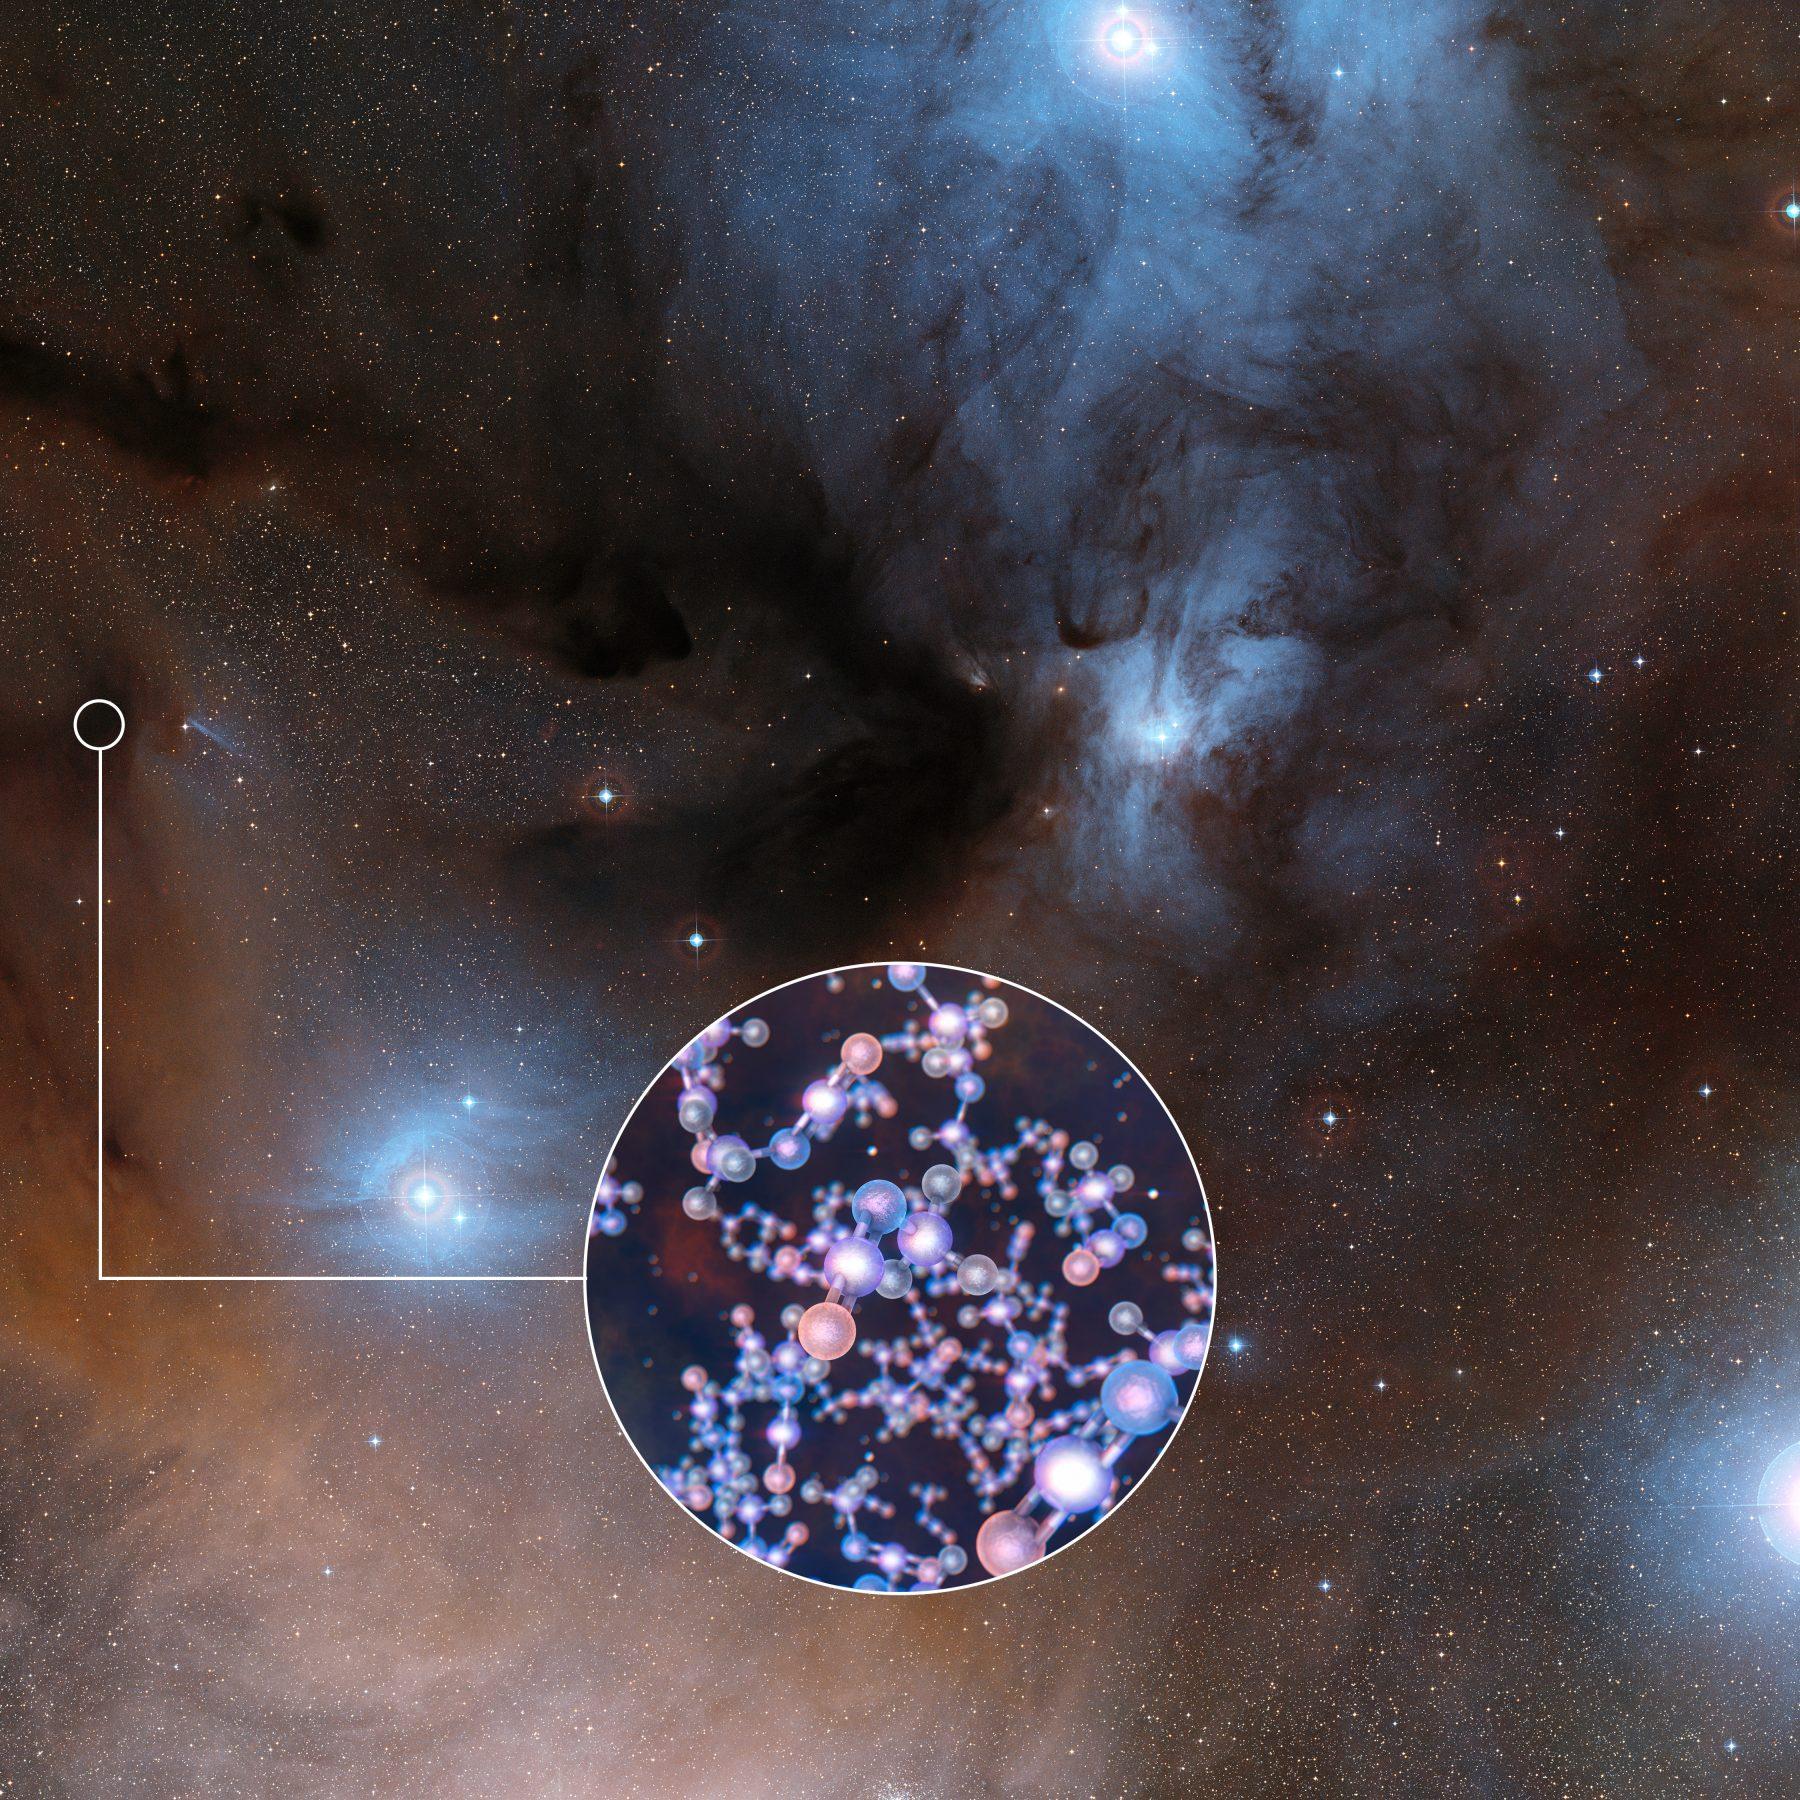 若い星のまわりでアミノ酸の材料を発見